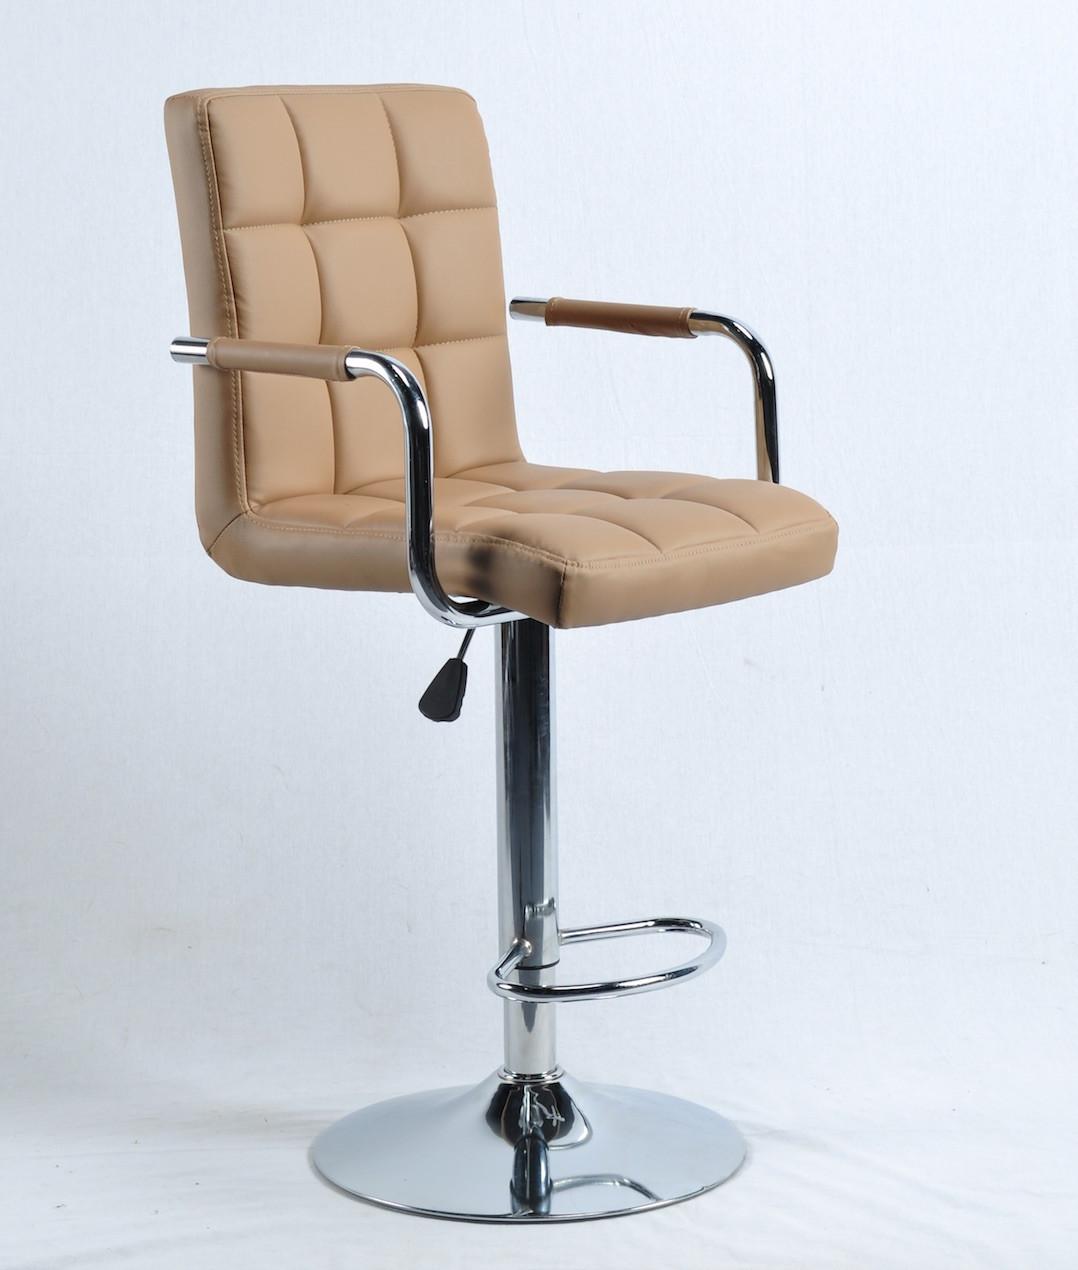 Барный стул Августо AUGUSTO - ARM ЭК бежевая экокожа + хром, с подлокотниками